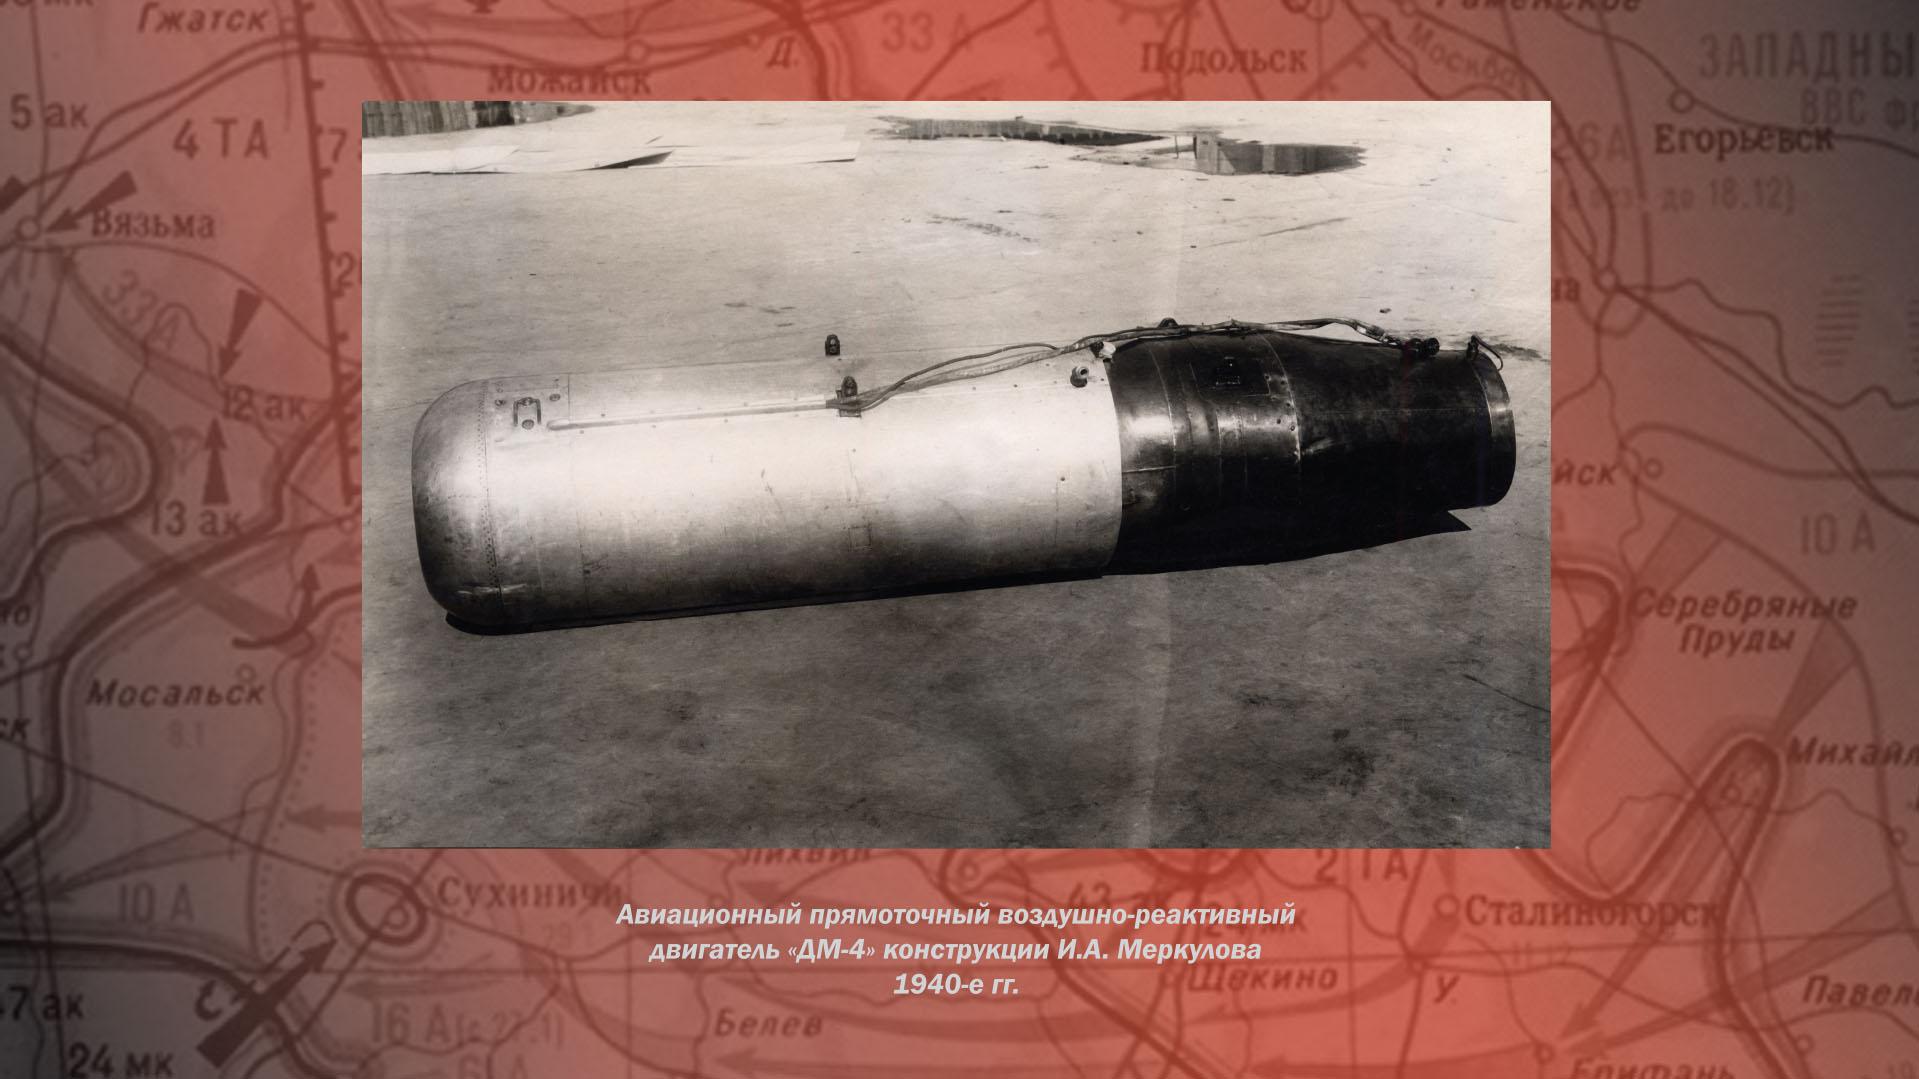 Двигатель ДМ-4 конструкции И.А. Меркулова